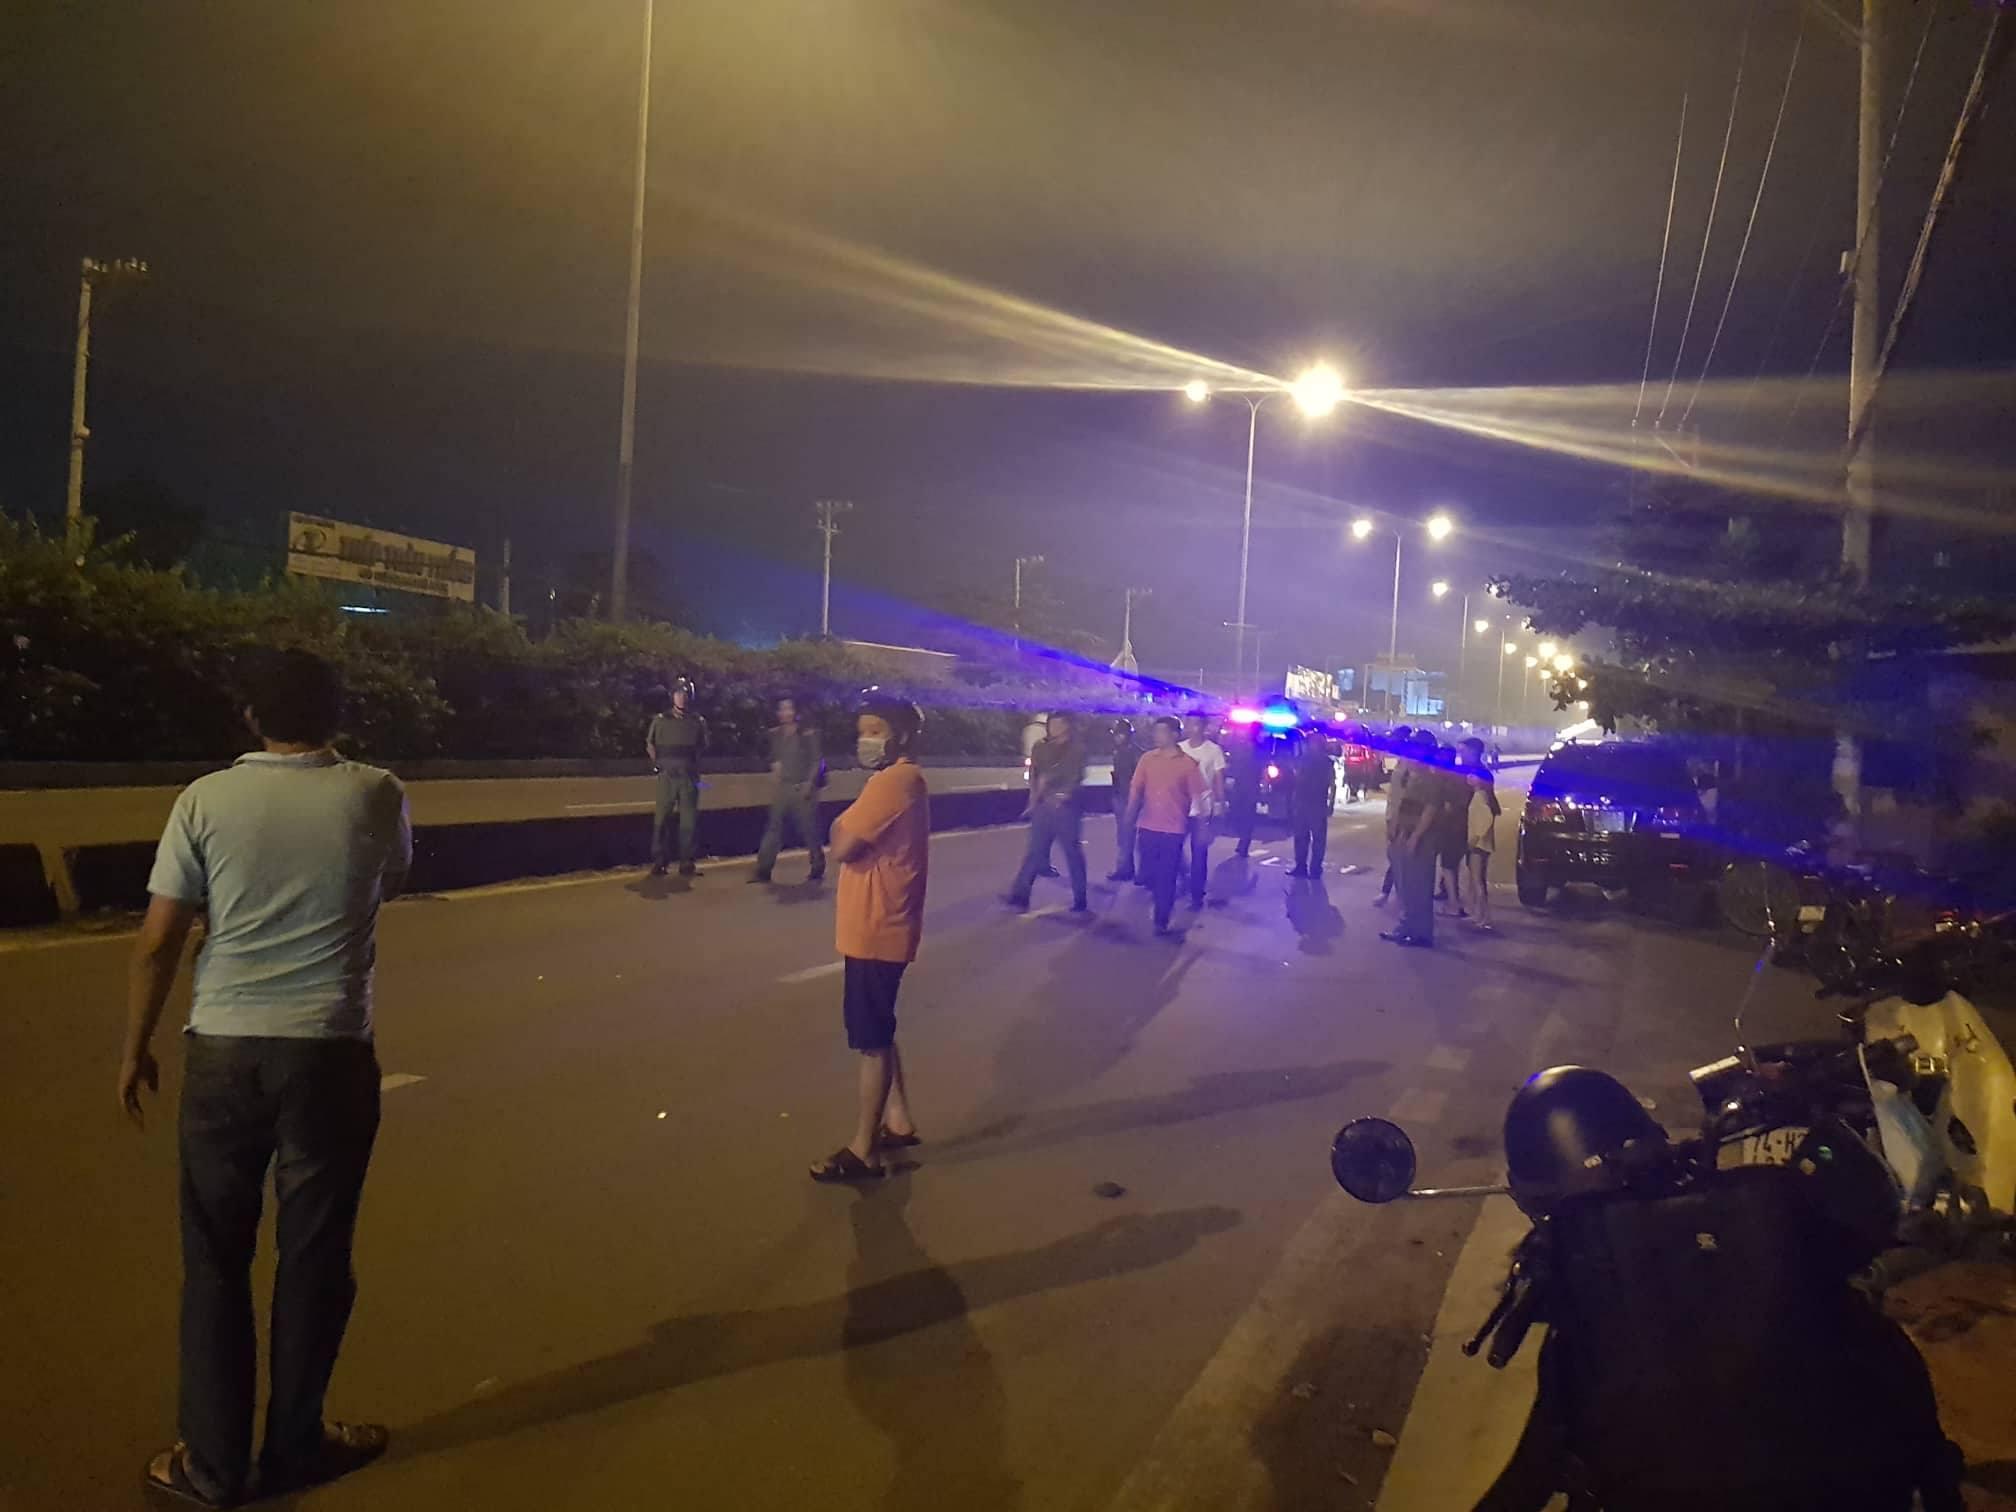 Đi sau nhóm 'quái xế', nam thanh niên trúng đạn tử vong trên phố Sài Gòn